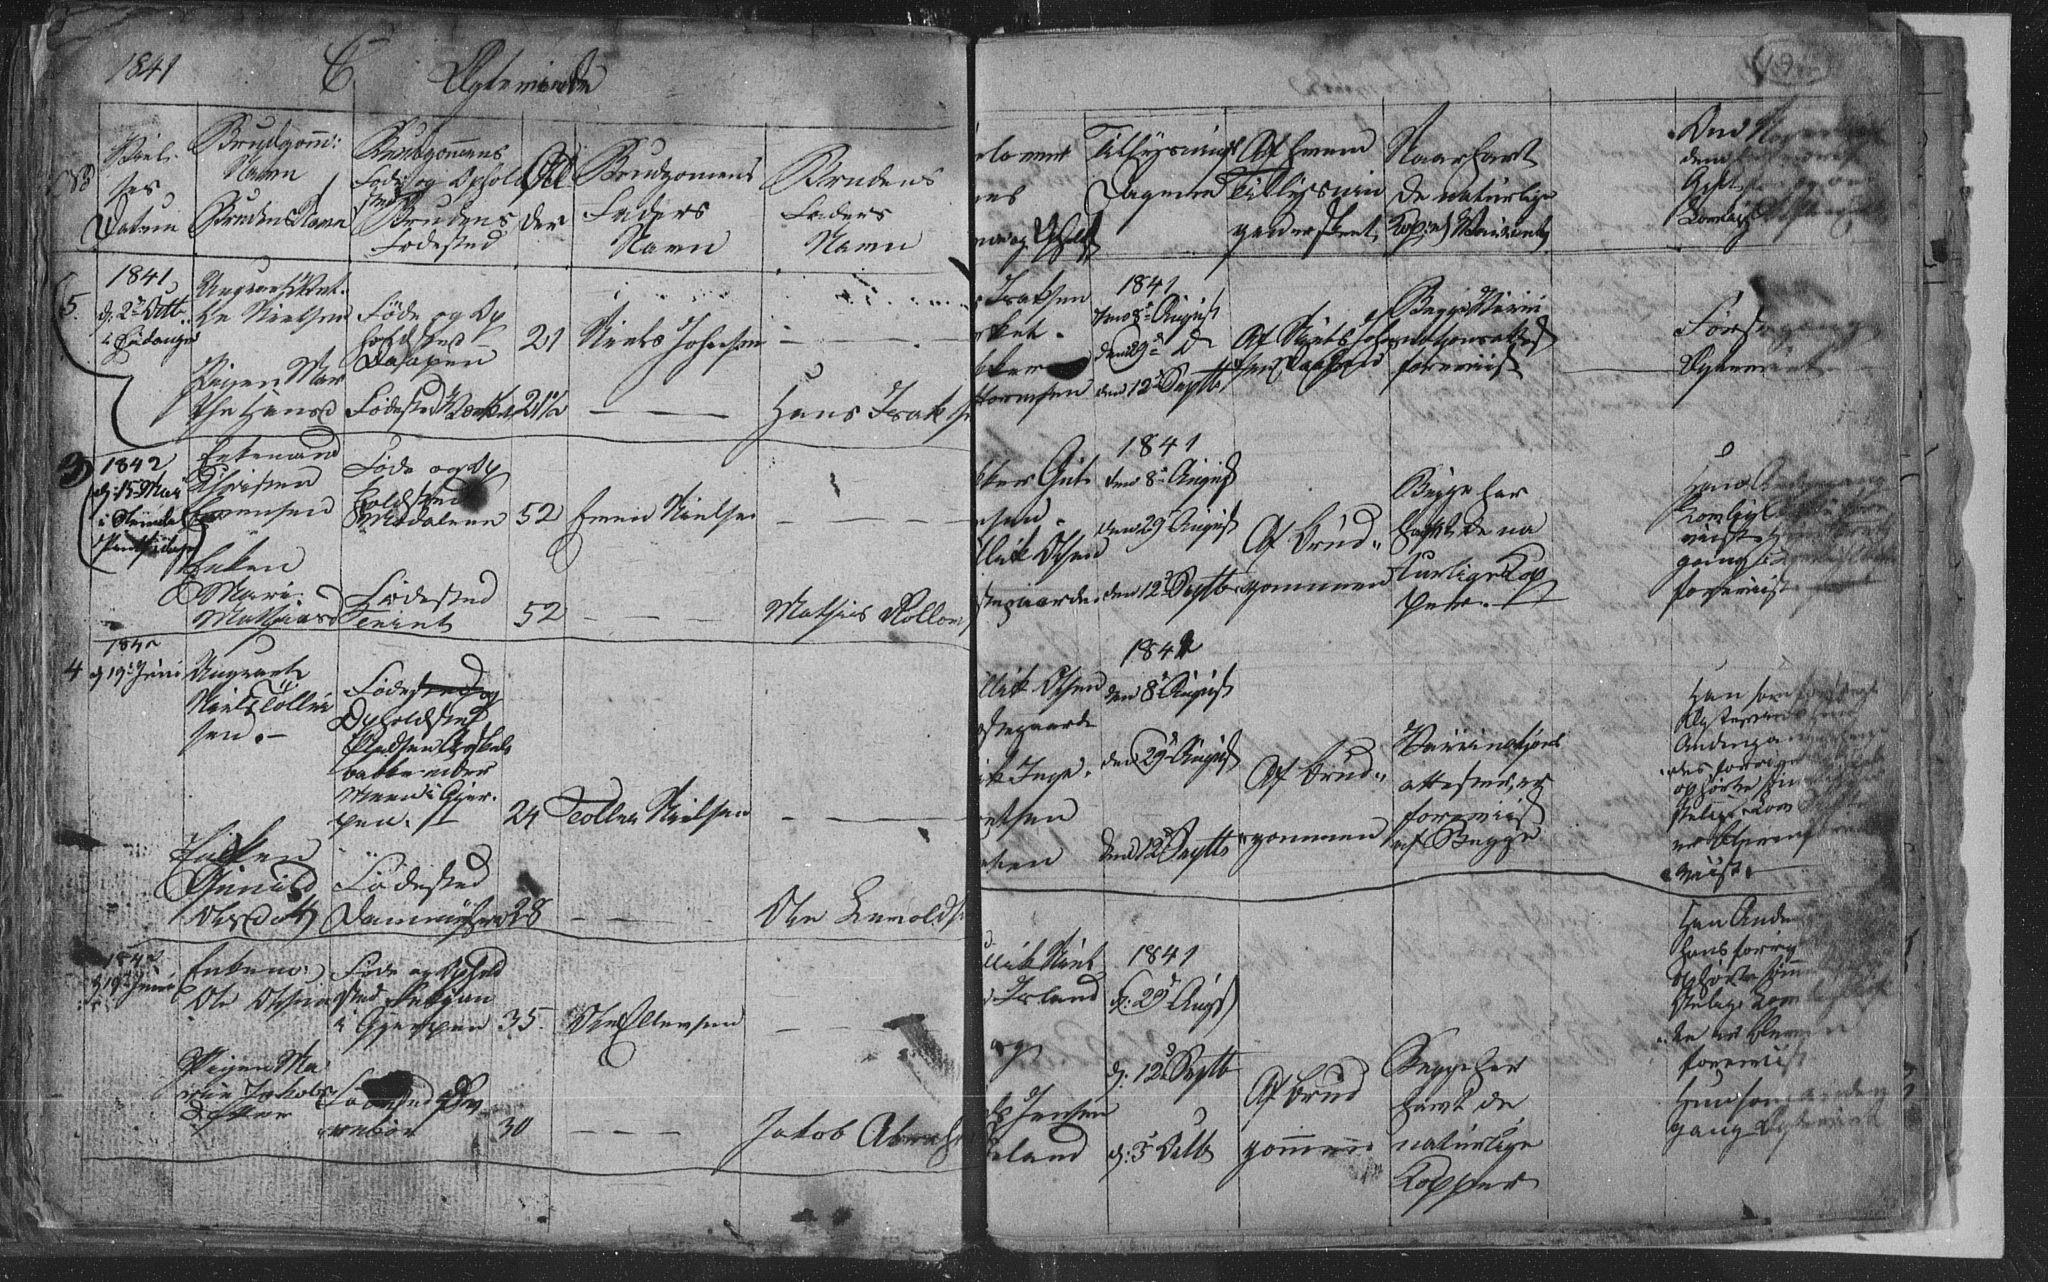 SAKO, Siljan kirkebøker, G/Ga/L0001: Klokkerbok nr. 1, 1827-1847, s. 197